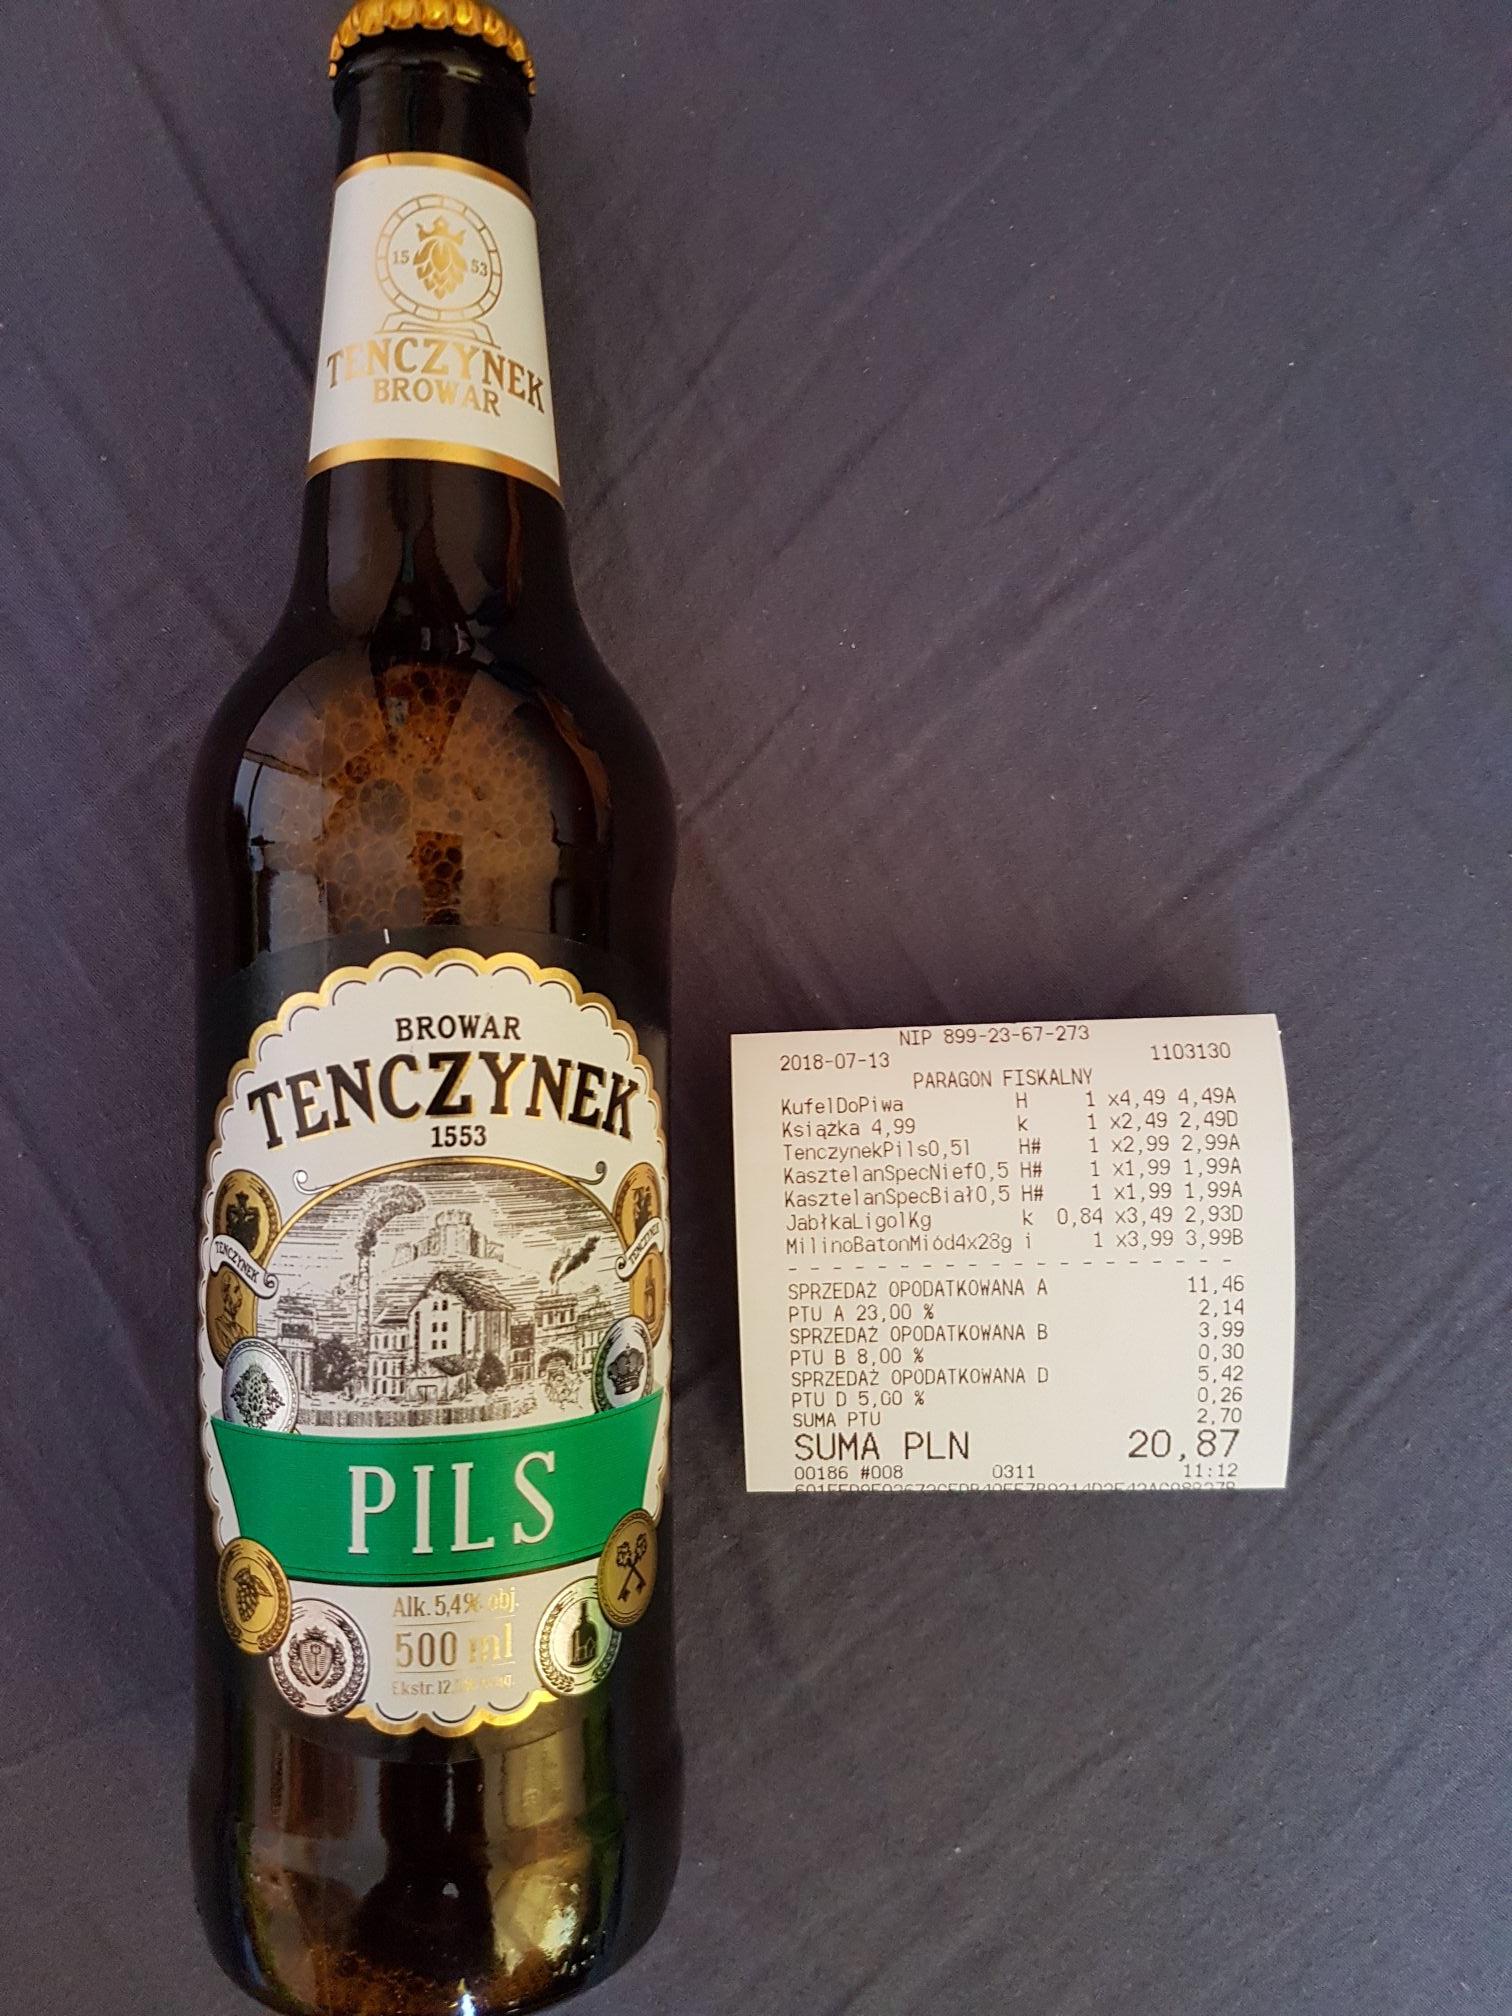 Piwo Tenczynek Pils @ Kaufland